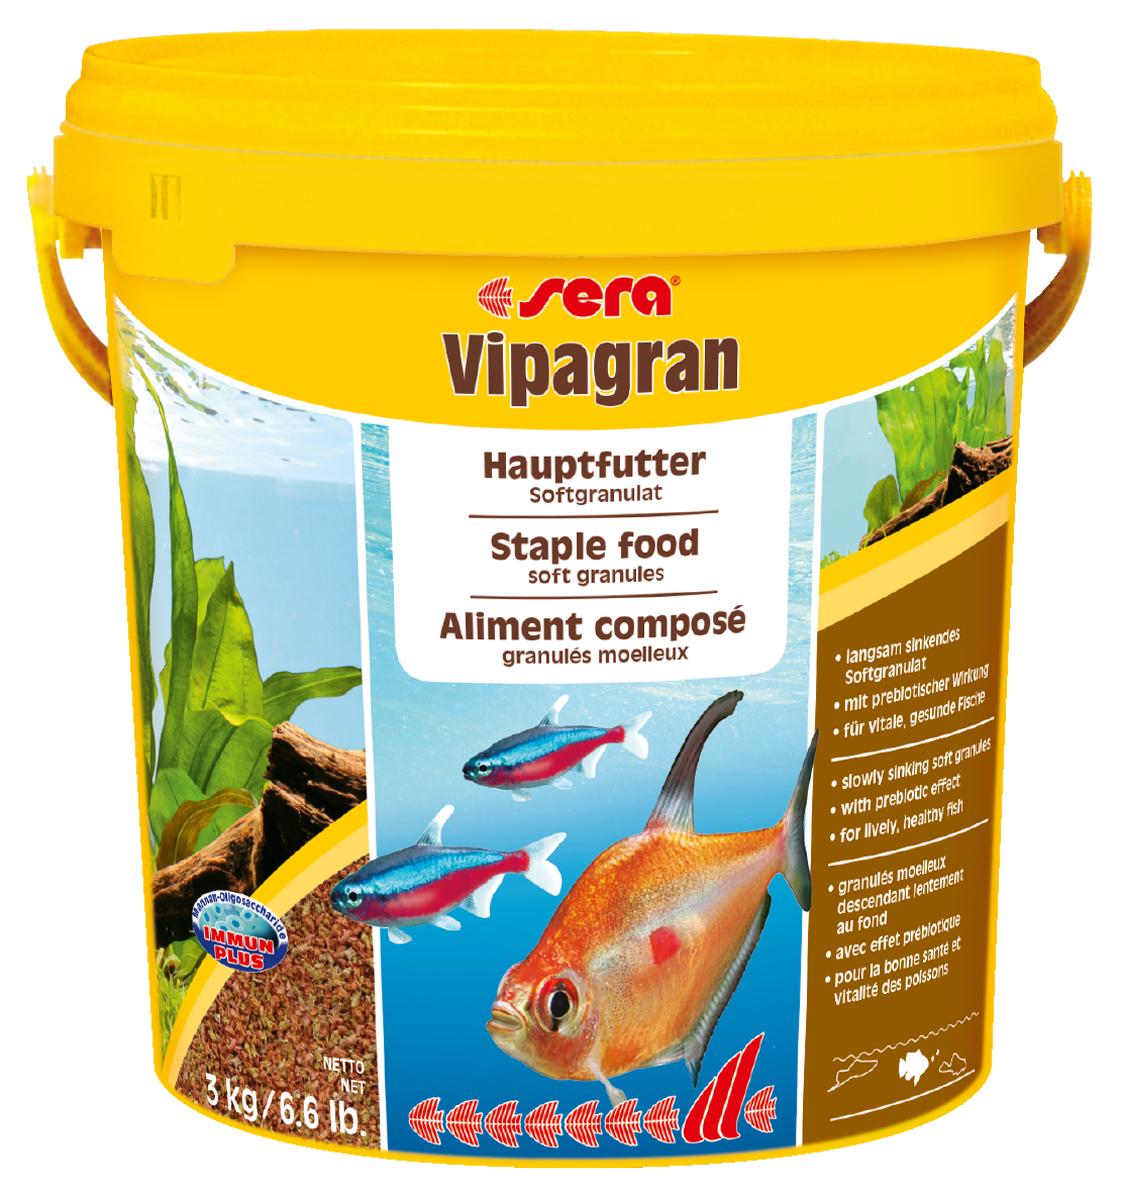 Корм для рыб Sera Vipagran, 10 л (3 кг)0120710Корм для рыб Sera Vipagran - основной корм для всех видов рыб, главным образом кормящихся в средних слоях воды. Корм выполнен в виде медленно тонущих мягких гранул. Корм медленно опускается на дно, что позволяет полакомиться всем рыбам и предотвращает излишнее засорение грунта. Благодаря особому процессу обработки гранулы становятся мягкими сразу после попадания в воду и не разбухают в желудке рыб. Благодаря мягкой эластичной структуре частиц этот вкусный сбалансированный корм также подходит для рыб с очень маленьким ртом и узкой глоткой. Они могут откусывать от гранул небольшие кусочки.Тщательно подобранные ингредиенты корма с пребиотическим действием способствуют здоровью и жизнестойкости рыб. Гранулы великолепно усваиваются организмом рыб. Формула Vital-Immun-Protect гарантирует вашим рыбам прекрасное здоровье, укрепление иммунитета и обилие жизненных сил. Ингредиенты: кукурузный крахмал, пшеничная клейковина, рыбная мука, цельный яичный порошок, казеинат кальция, пшеничная мука, рыбий жир (49% Омега жирных кислот), пивные дрожжи, спирулина, пшеничные зародыши, растительное сырье, люцерна, крапива, петрушка, гаммарус, морские водоросли, паприка, маннанолигосахариды (0,4%), шпинат, морковь, водоросль гематококкус, зеленые мидии, чеснок. Аналитический состав: протеин 41,9%, жиры 8,7%, клетчатка 3,5%, влажность 5,0%, зольные вещества 4,0%.Витамины и провитамины: витамин A 37.000 МЕ/кг, витамин D3 1.800 МЕ/кг, витамин E (D, L-а-tocopheryl acetate) 120 мг/кг, витамин B1 35 мг/кг, витамин B2 90 мг/кг, витамин C (L-ascorbyl monophosphate) 550 мг/кг. Содержит пищевые красители, допустимые в ЕС. Товар сертифицирован.